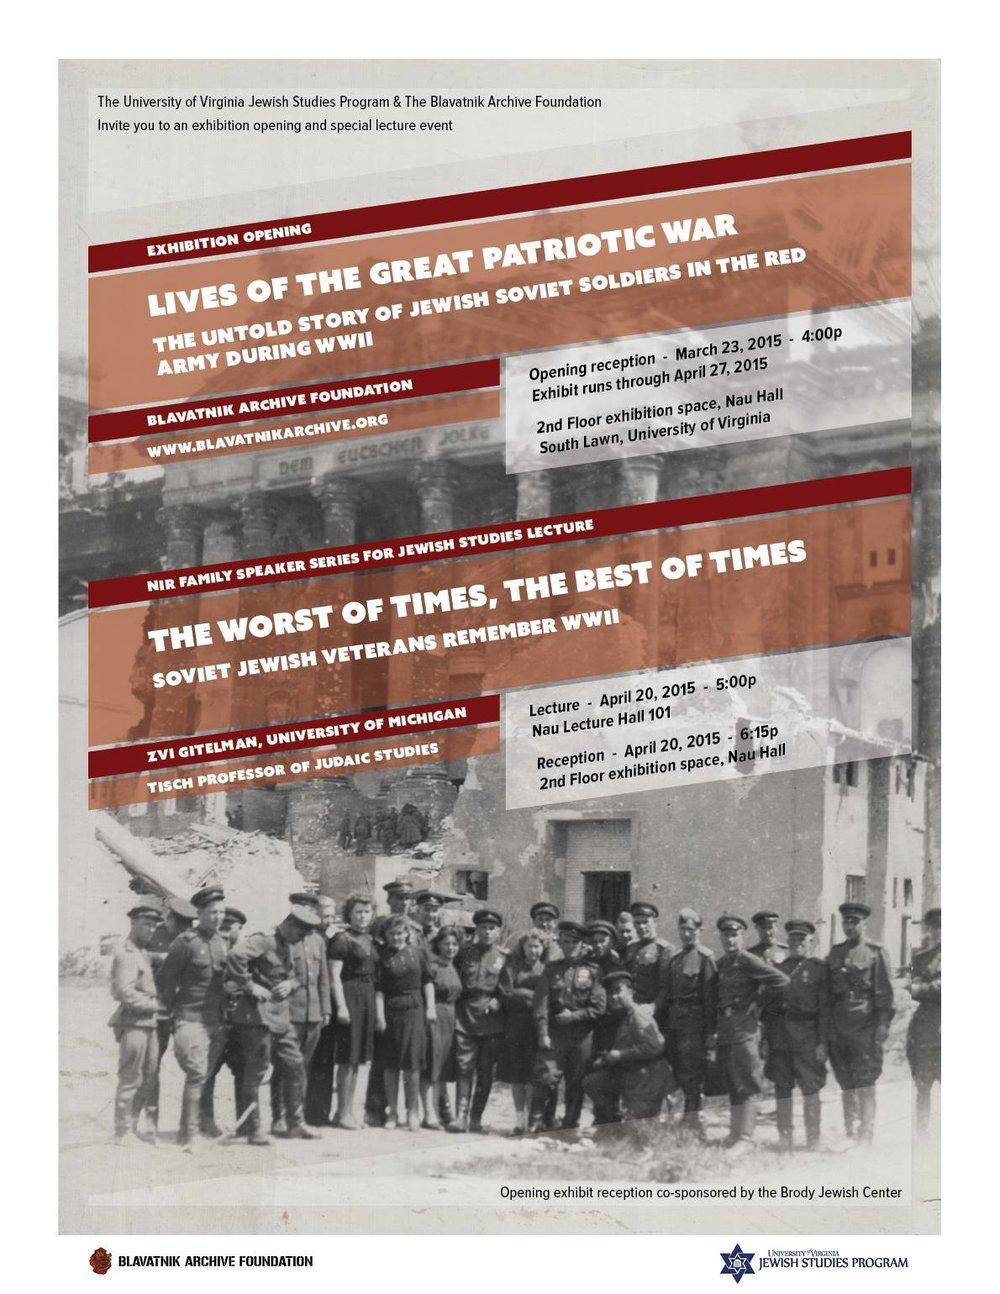 The Blavatnik Institute made this poster.